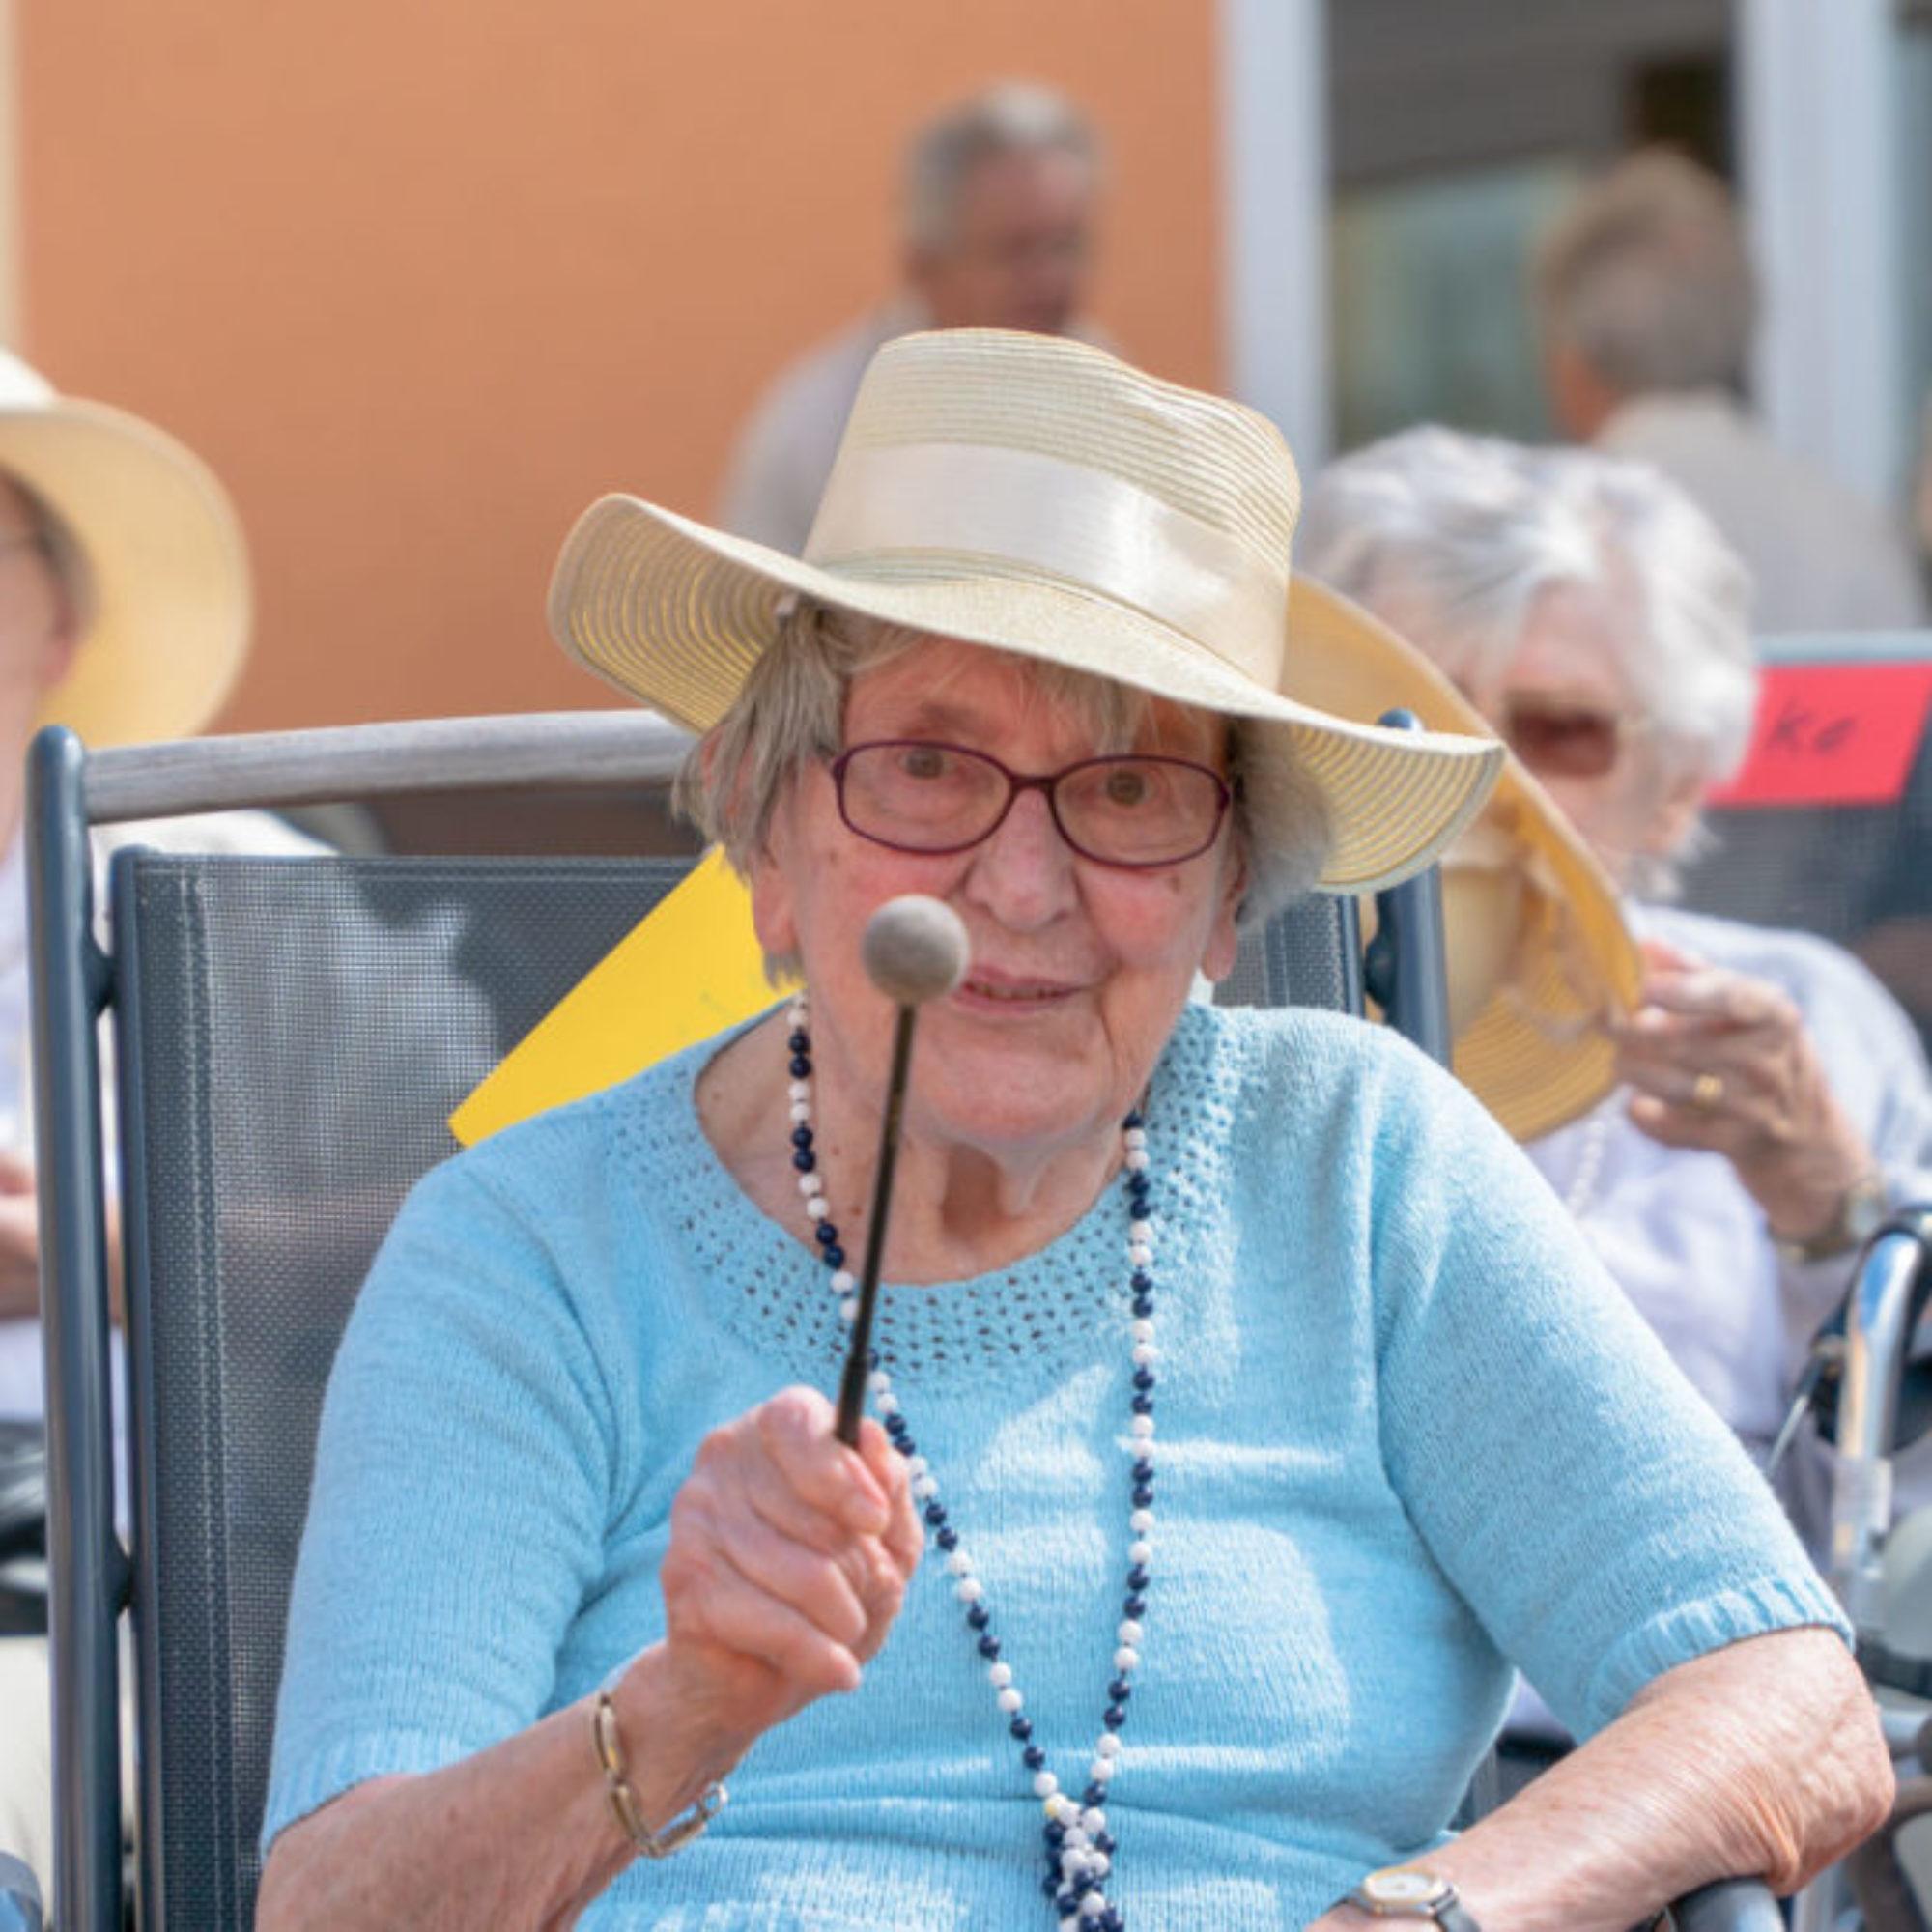 Wir Sind Altenpflege Seniorendomizil Riepenblick Sommerfest Drum Circle11. August 2018 ARMAMDO VERANO-15